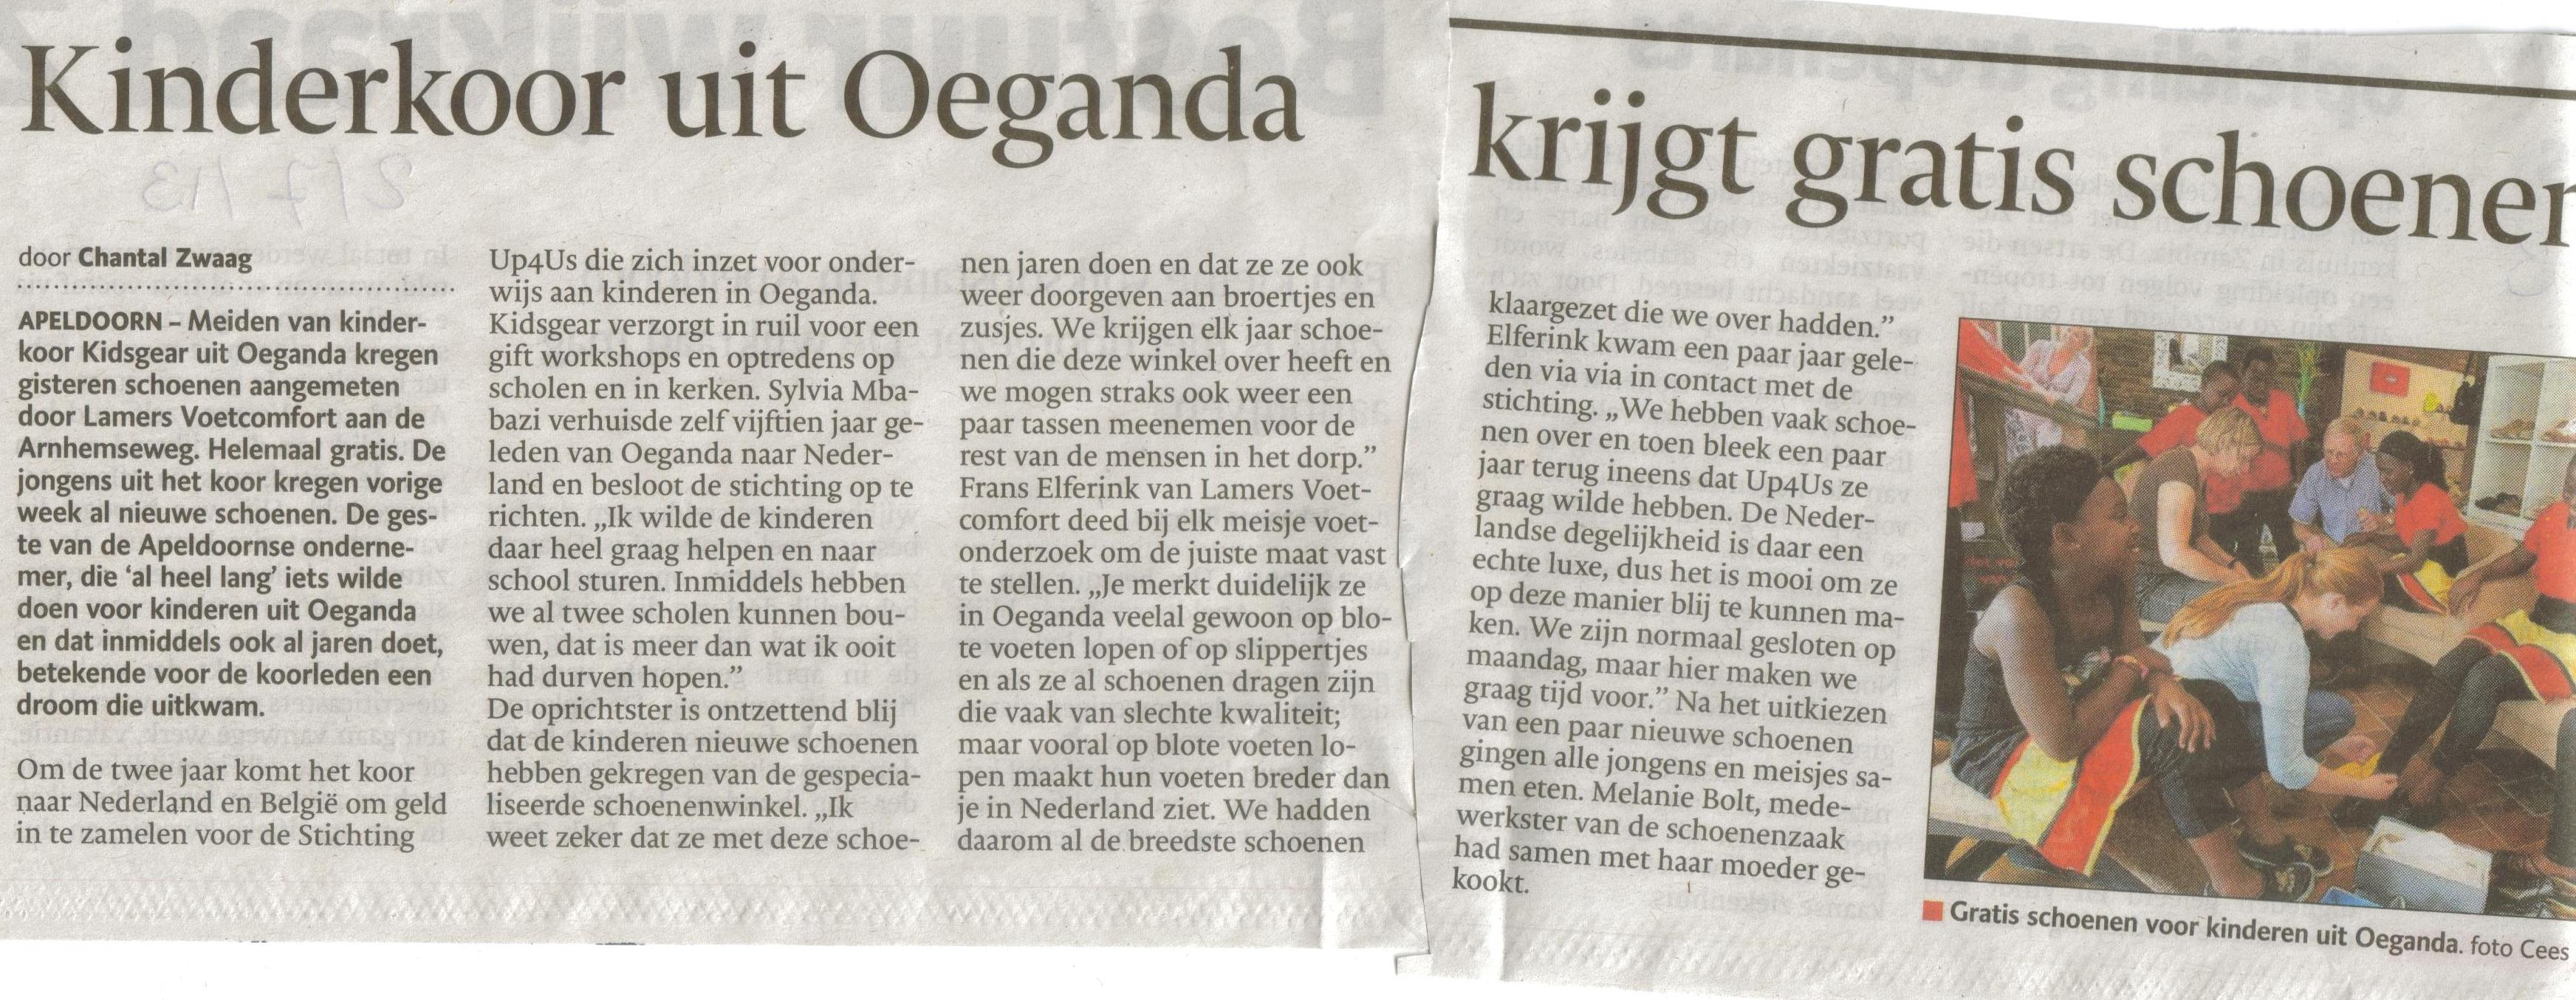 1- oegandees kinderkoor krijgen schoenen- bijzondere productie (verhaal van de dag)- publicatiedatum 2 juli 2013